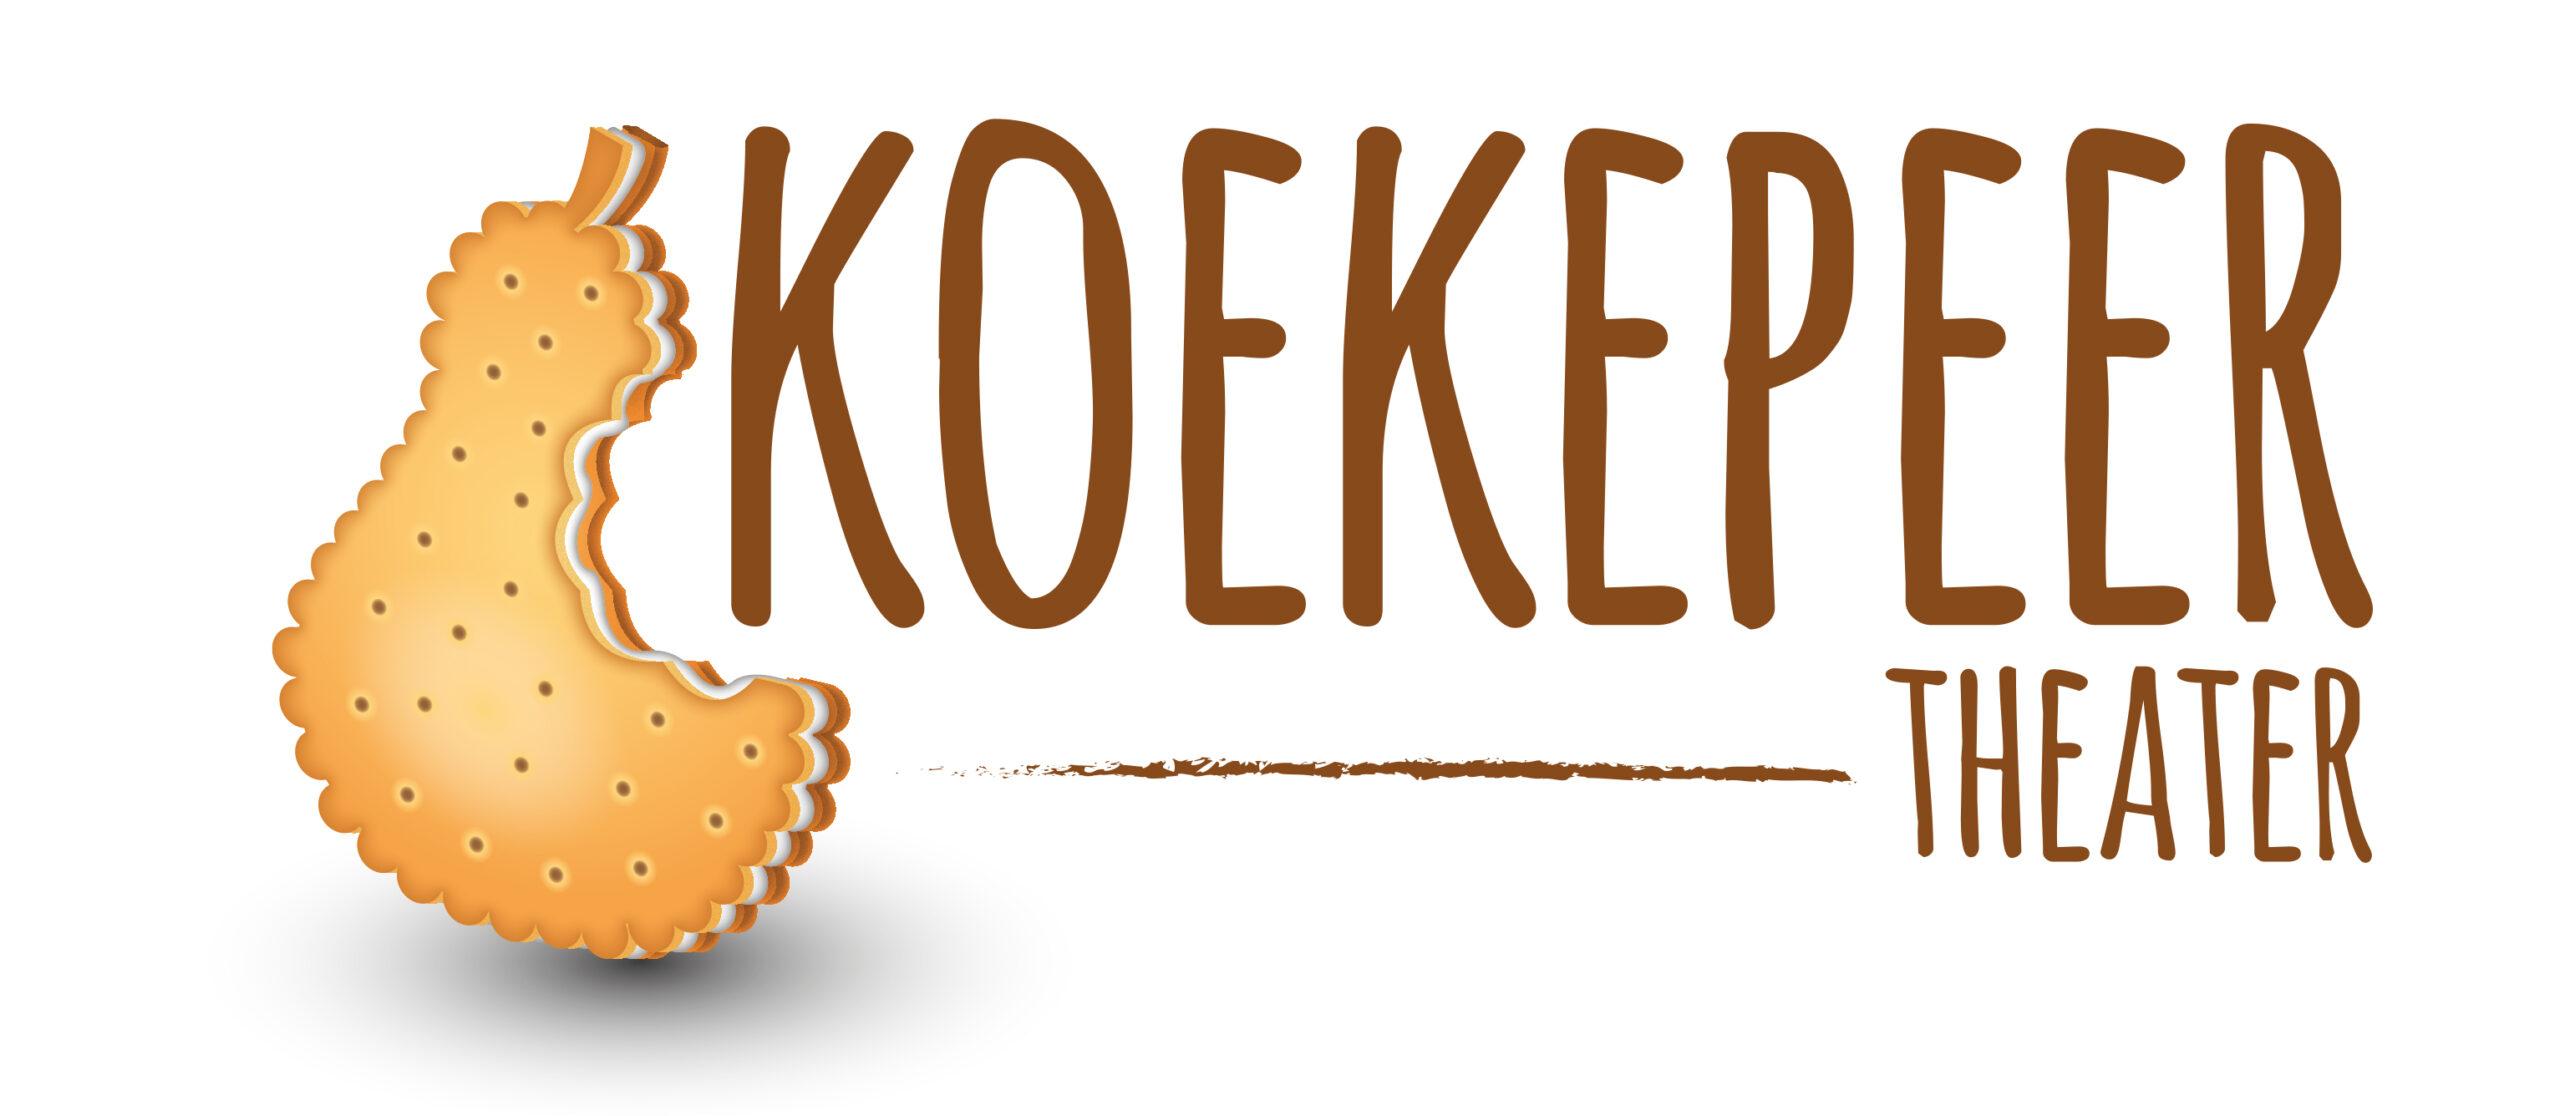 Koekepeer Theater